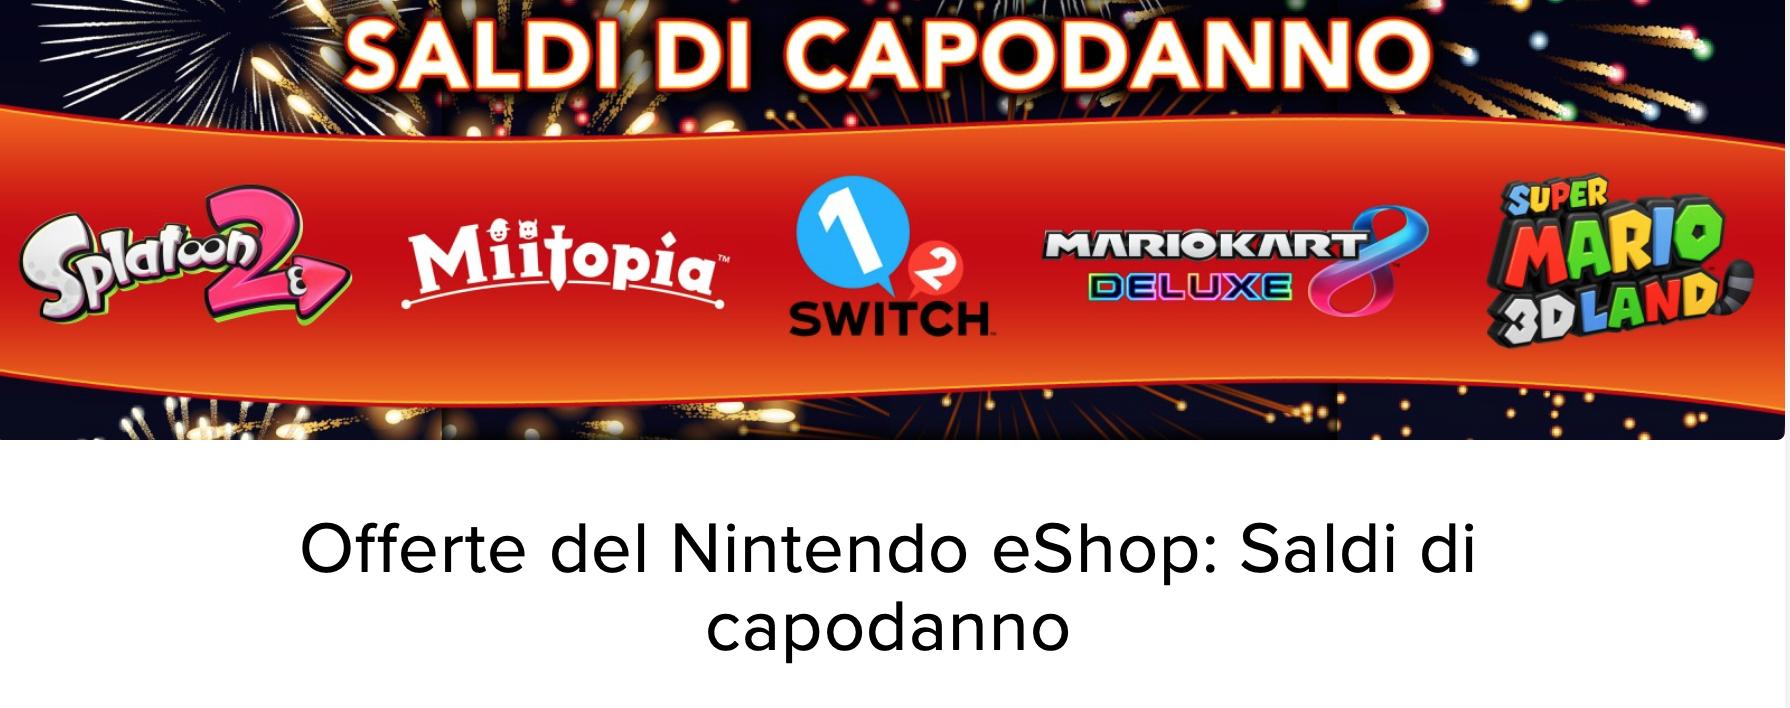 Nintendo Switch saldi capodanno